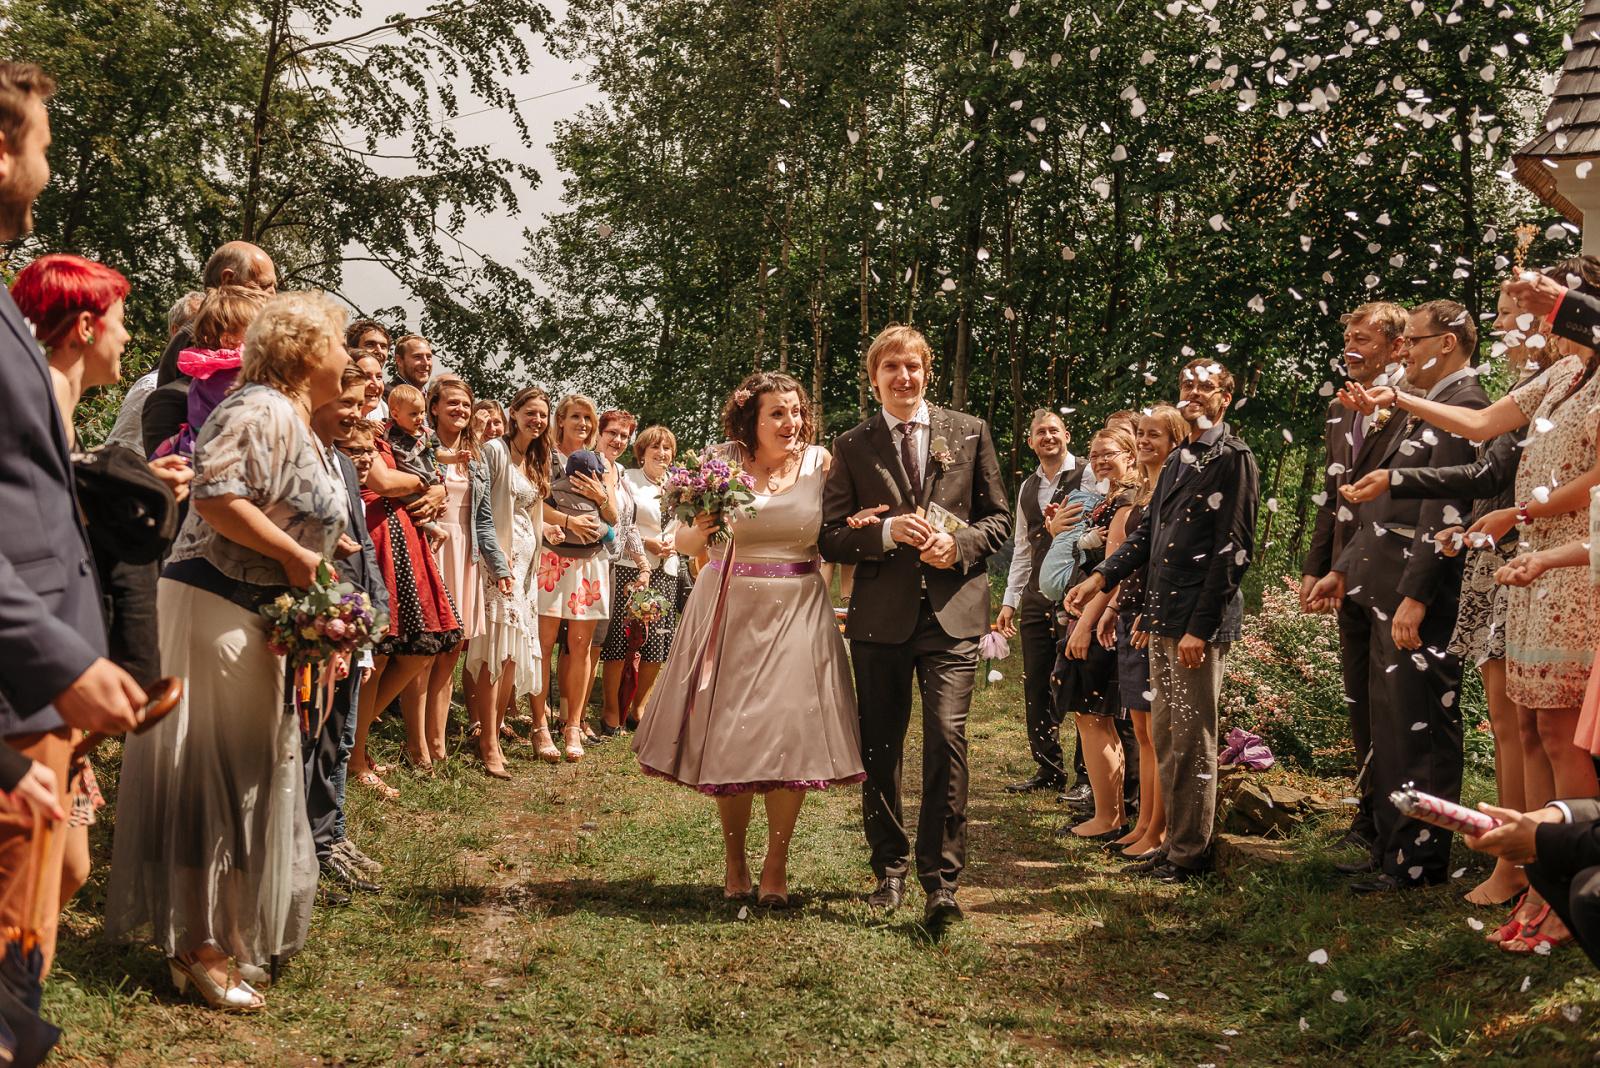 ženicha nevěsta jdou špalírem